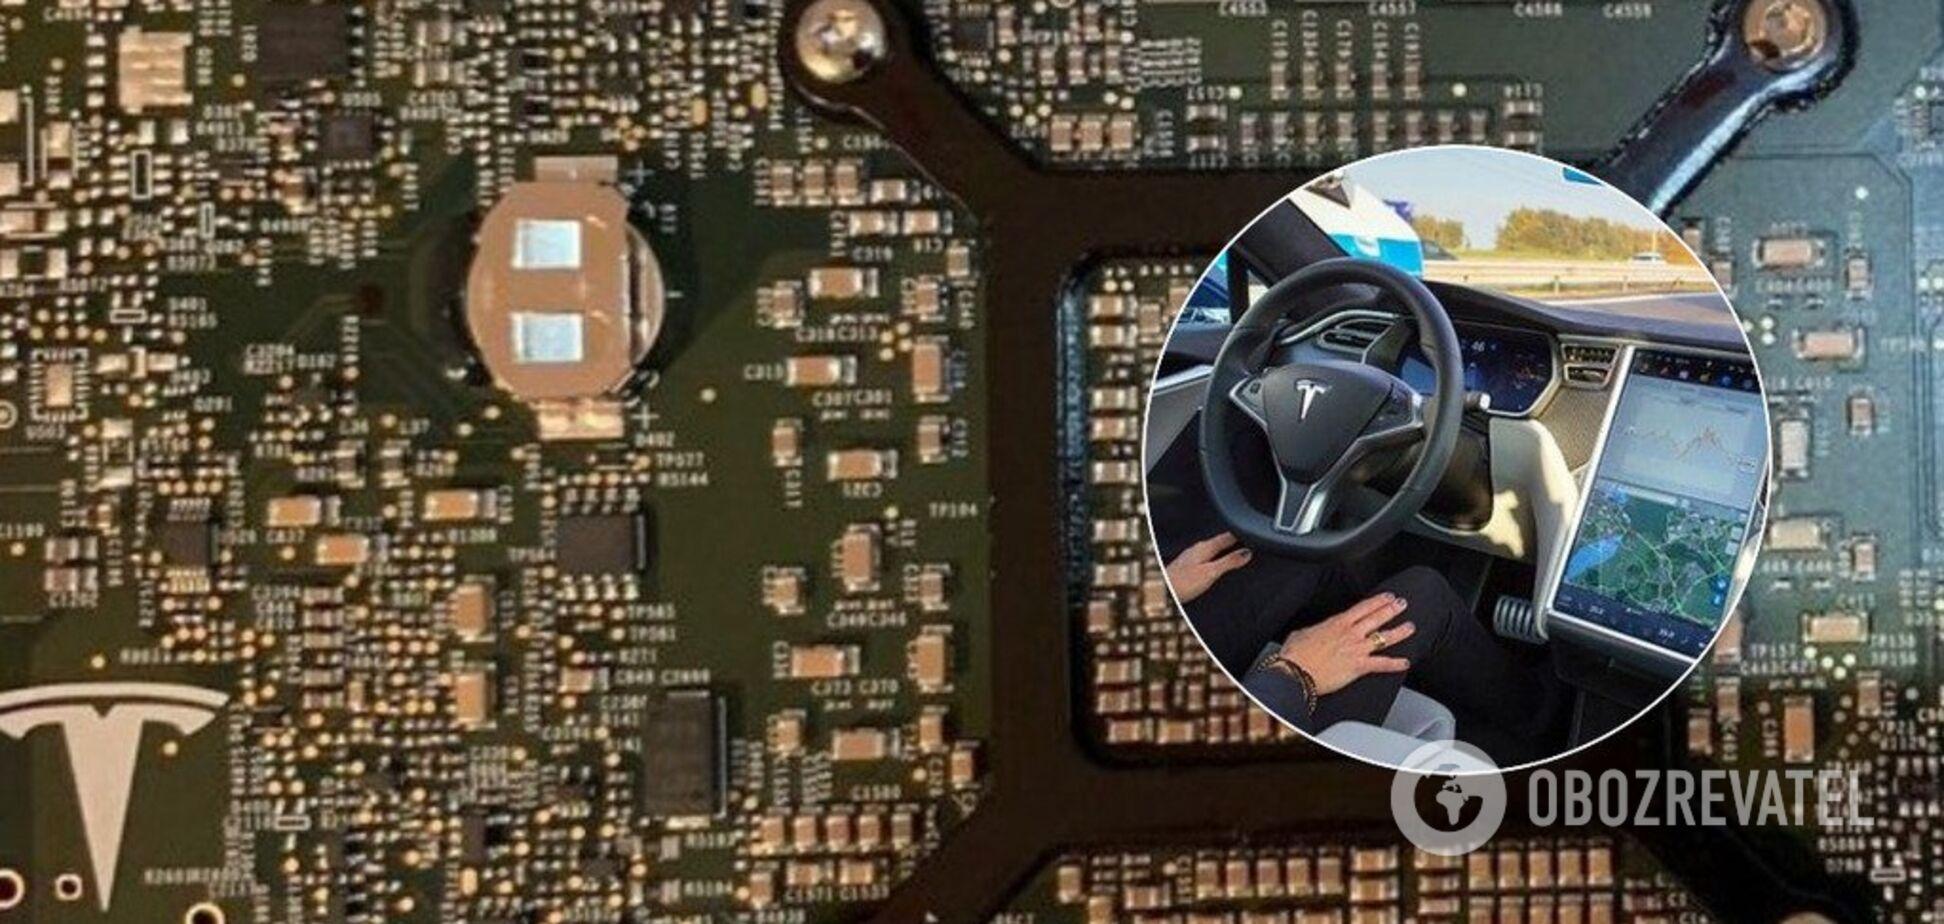 Компьютер автопилота Tesla впервые вскрыт и показан в сети. Фото